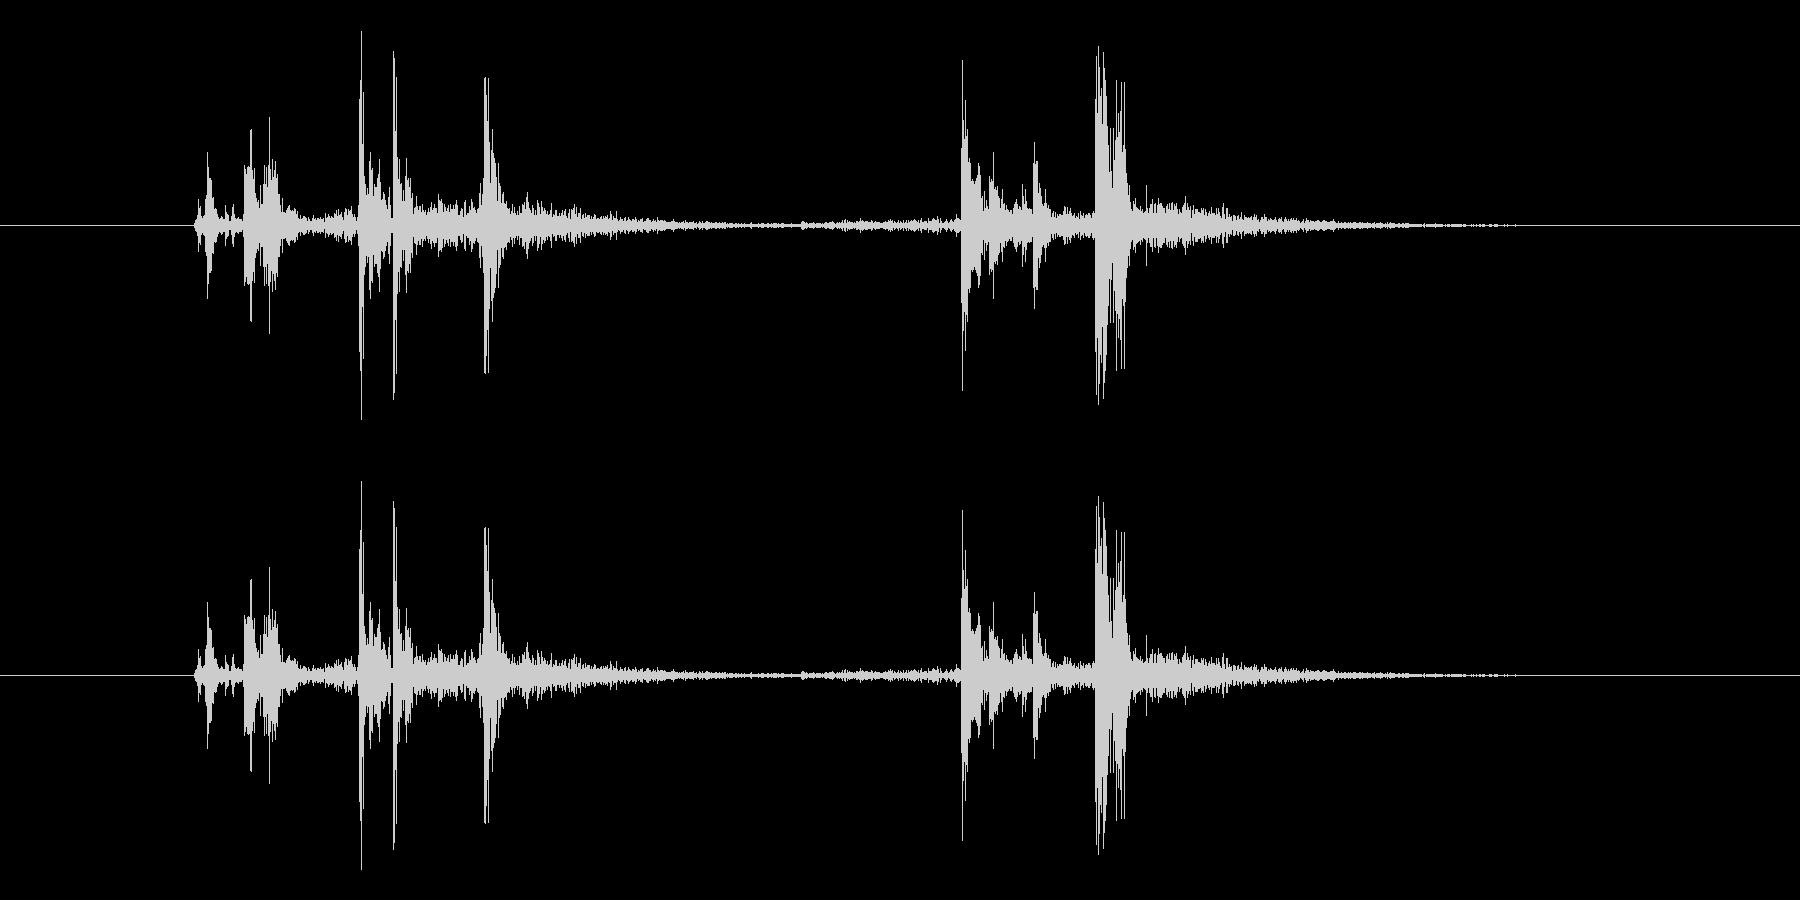 ガシャッ (銃器リロード音)の未再生の波形